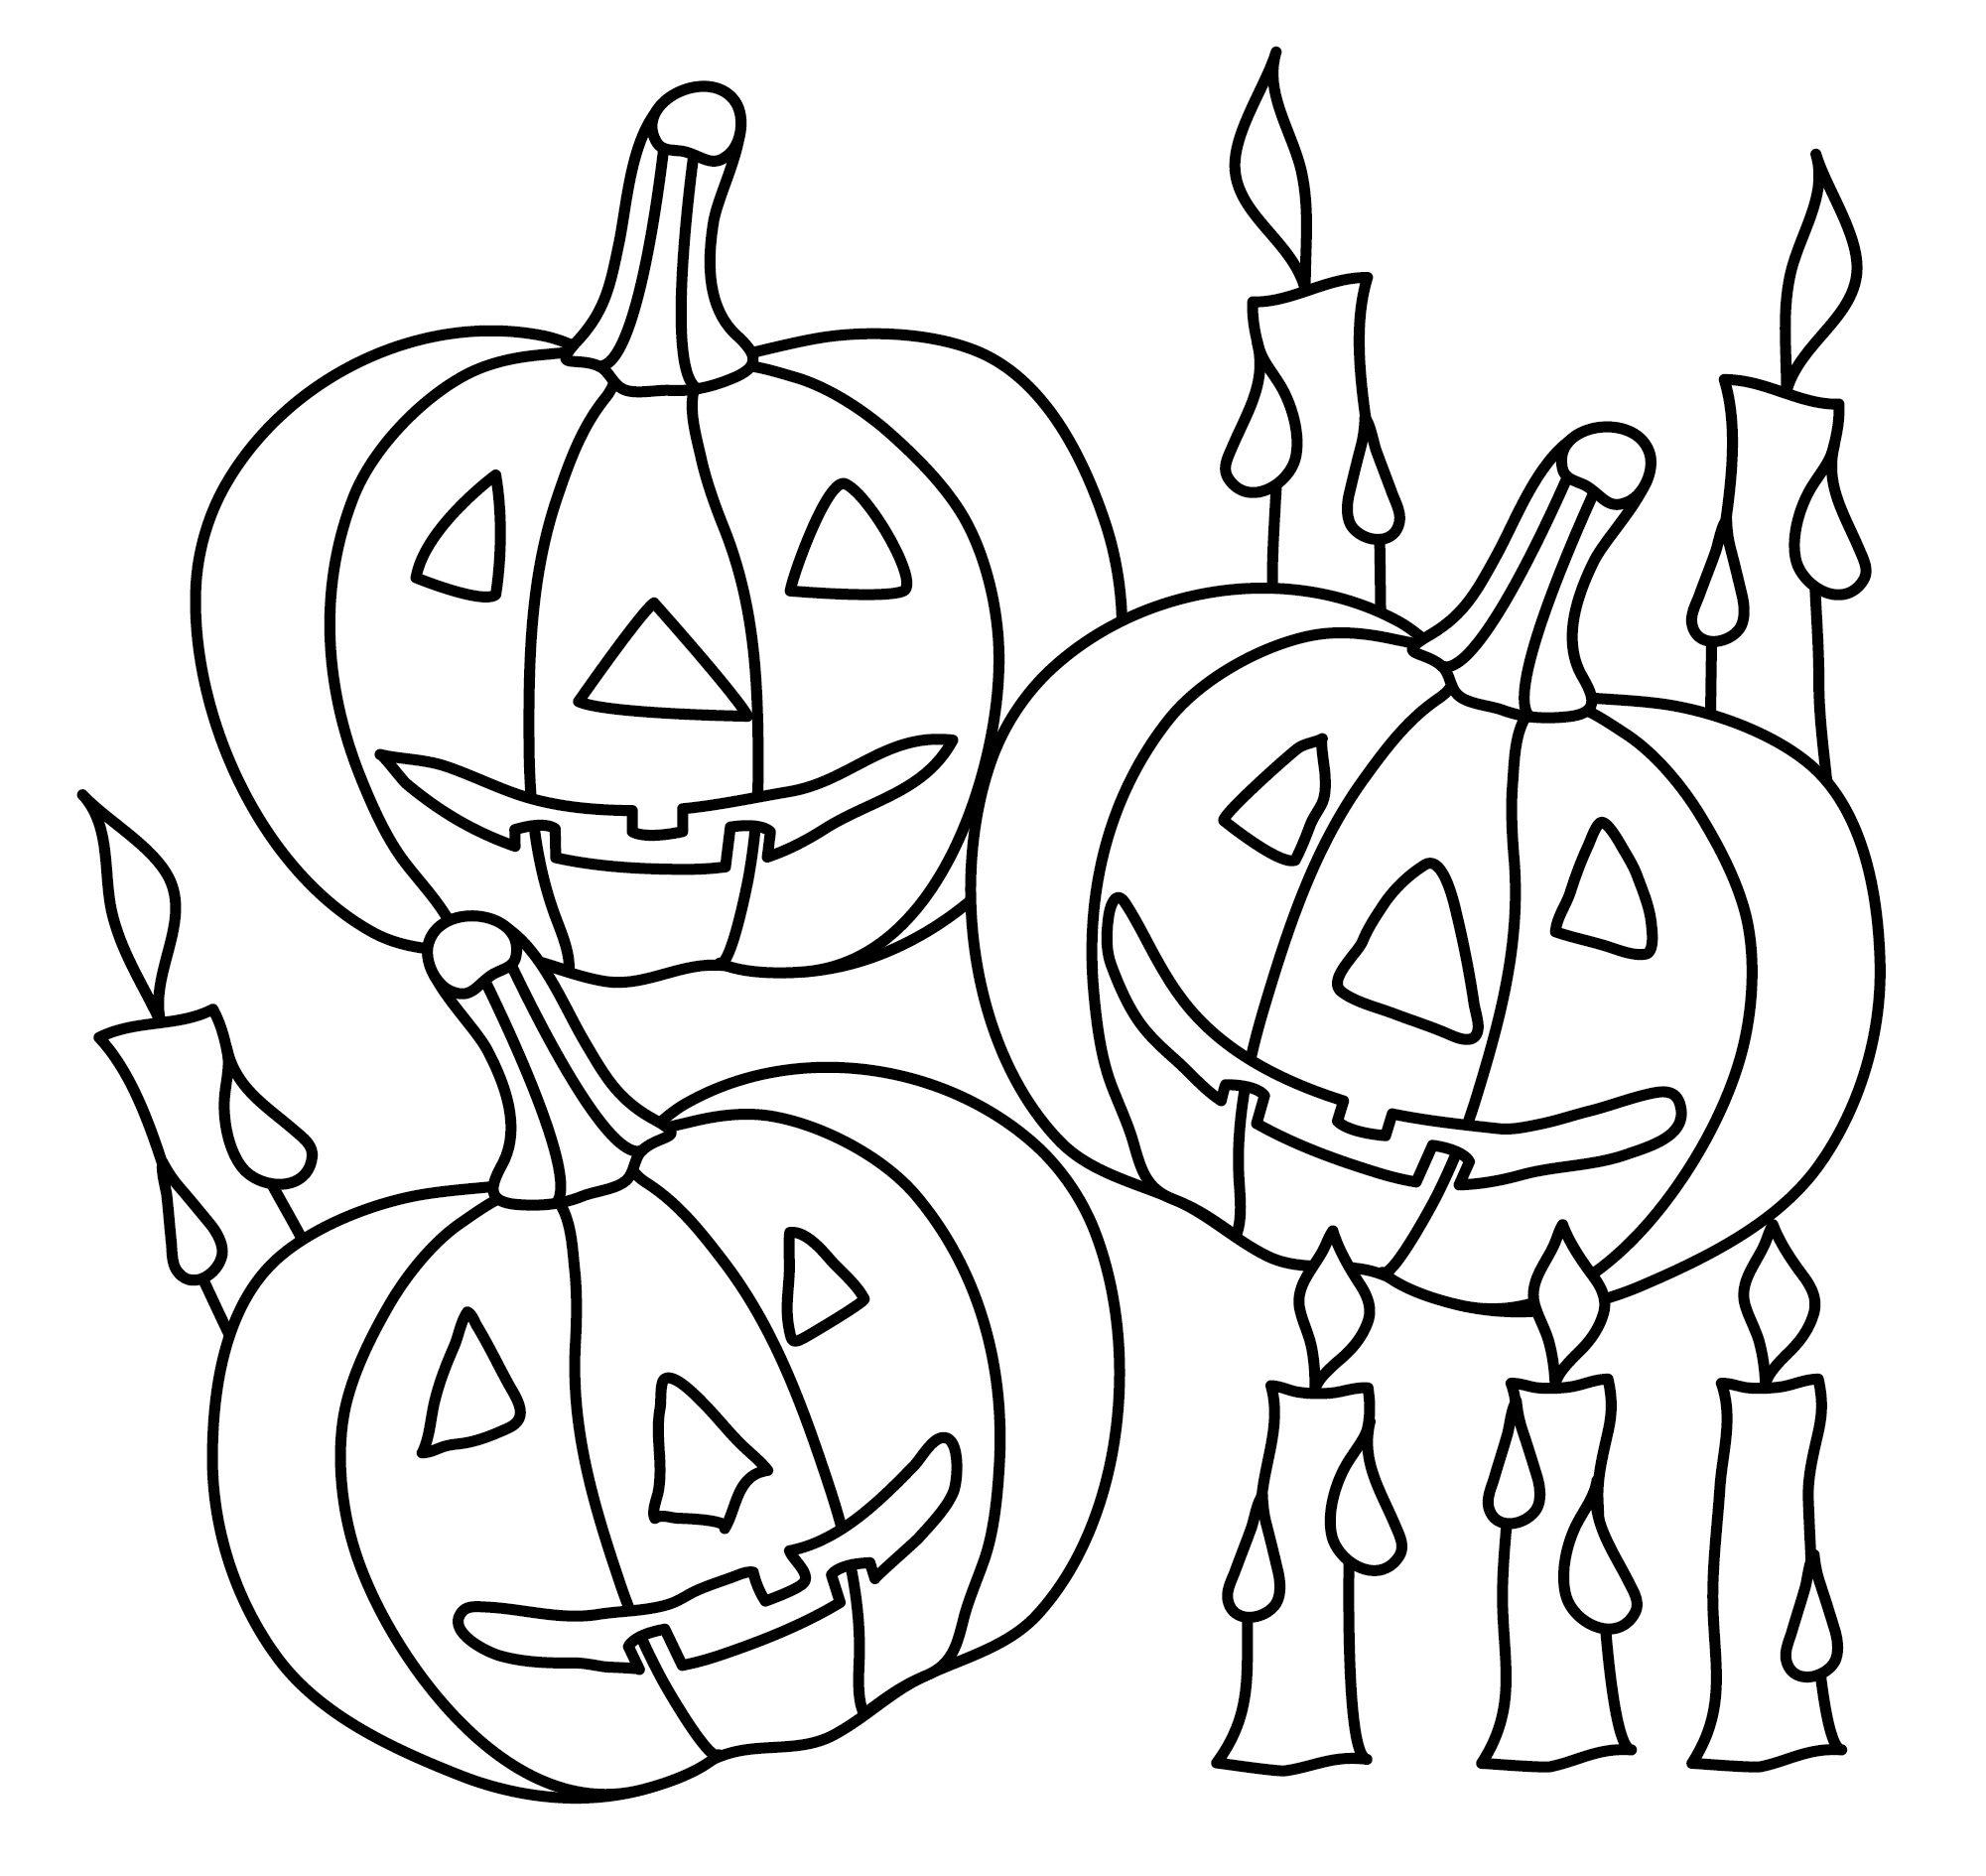 Ausmalbilder Halloween - Halloween Vorlagen Ausdrucken verwandt mit Halloween Malvorlagen Ausdrucken